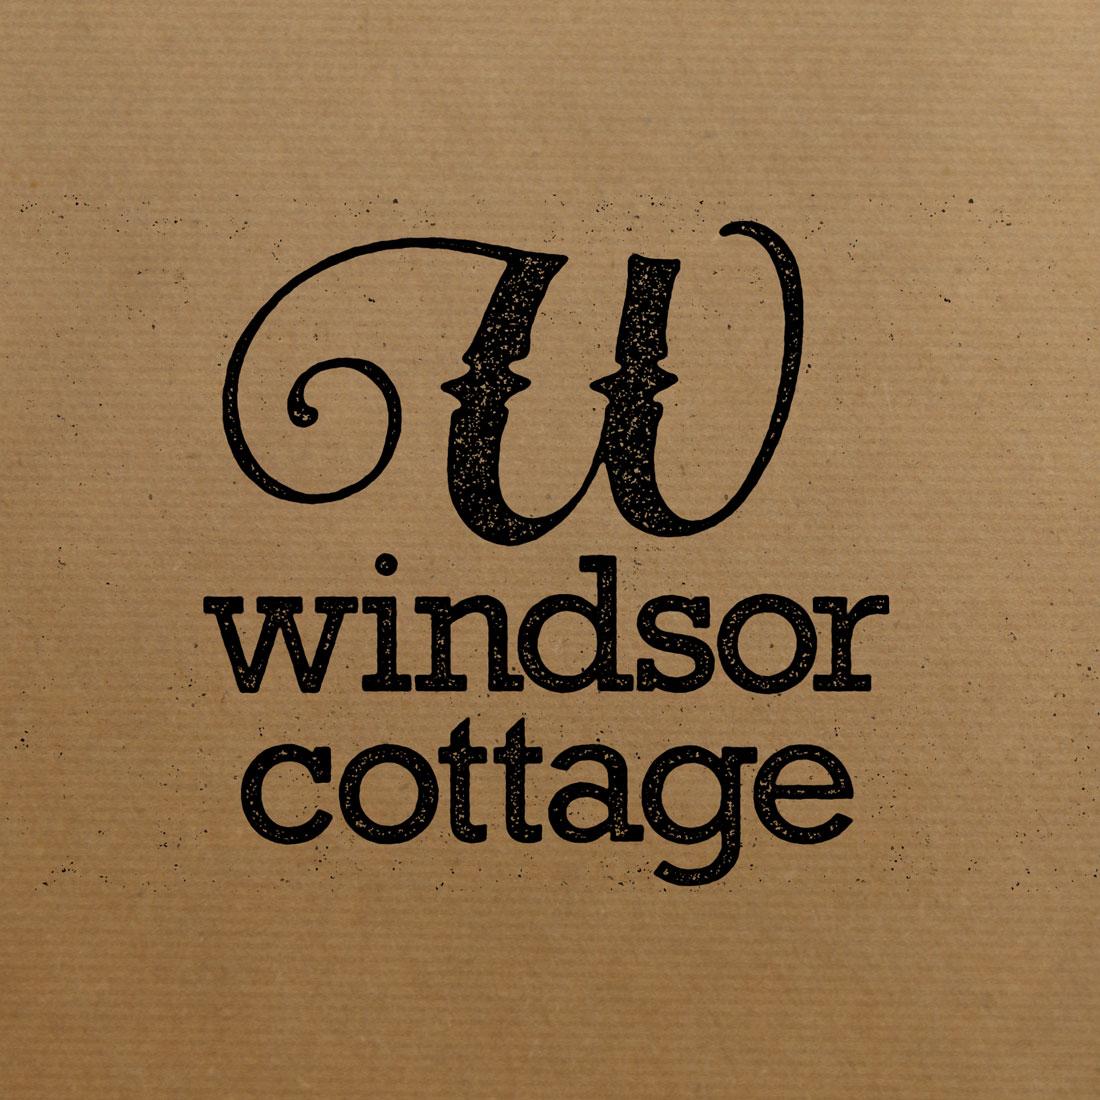 Photo of Windsor Cottage logo design